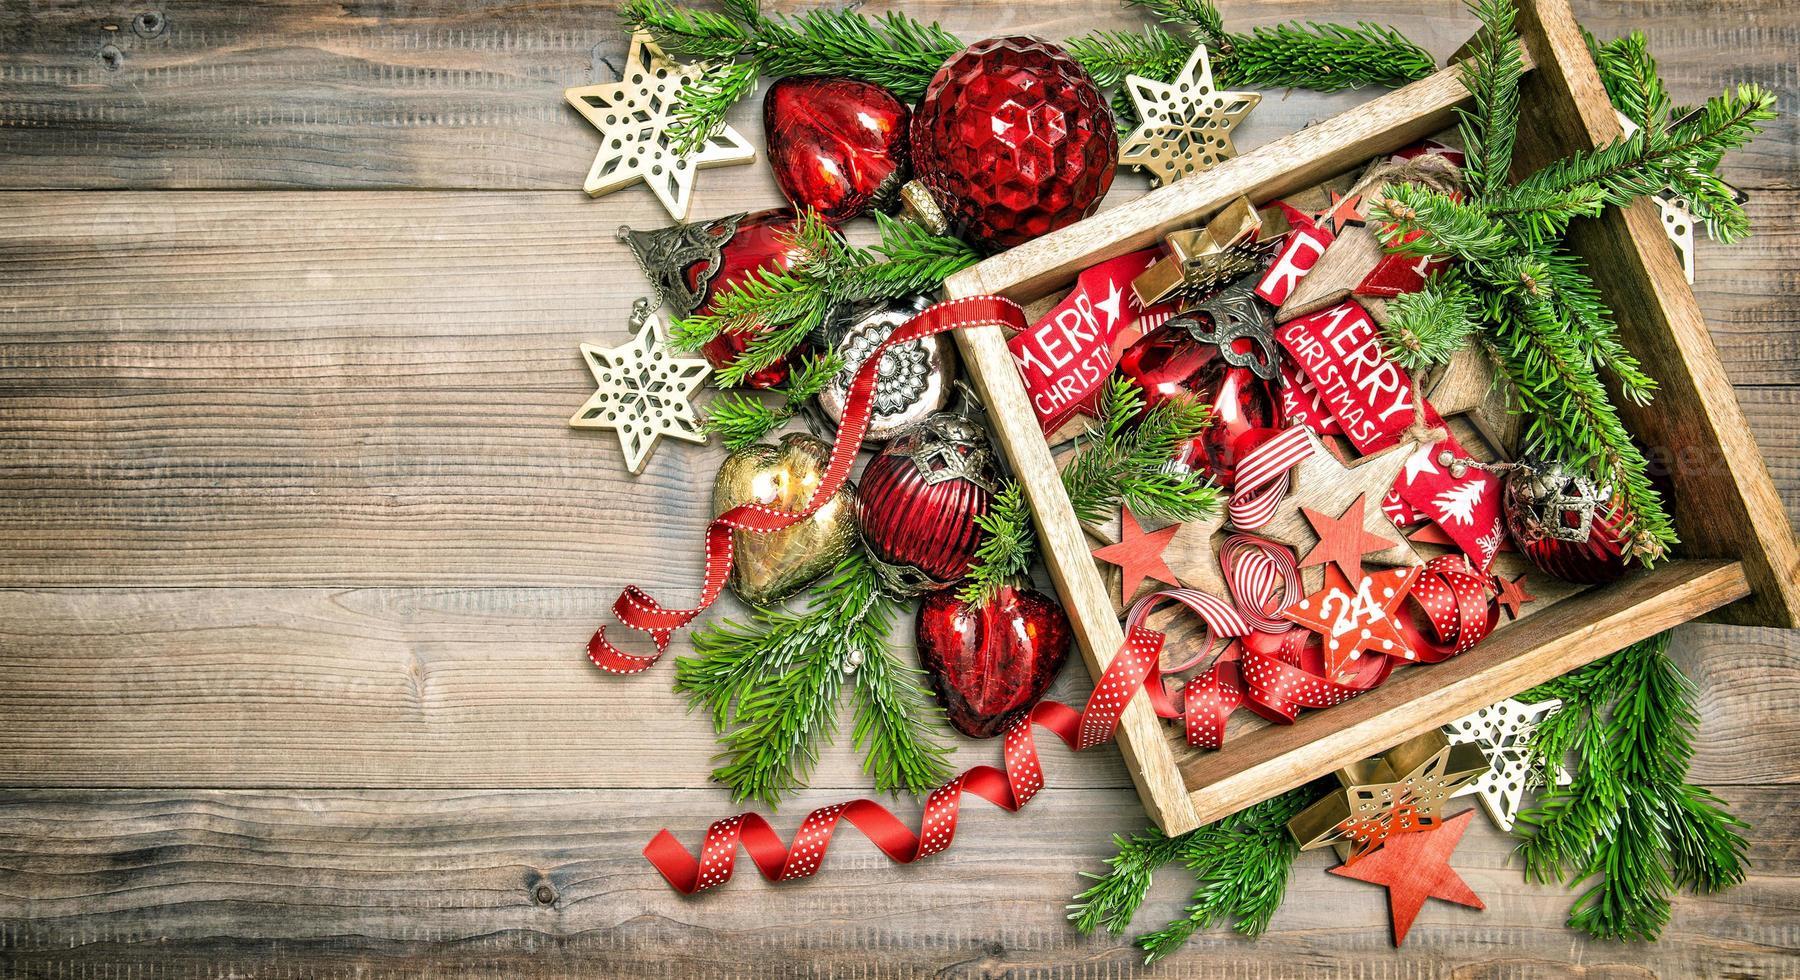 decorações de natal, brinquedos e enfeites vintage foto